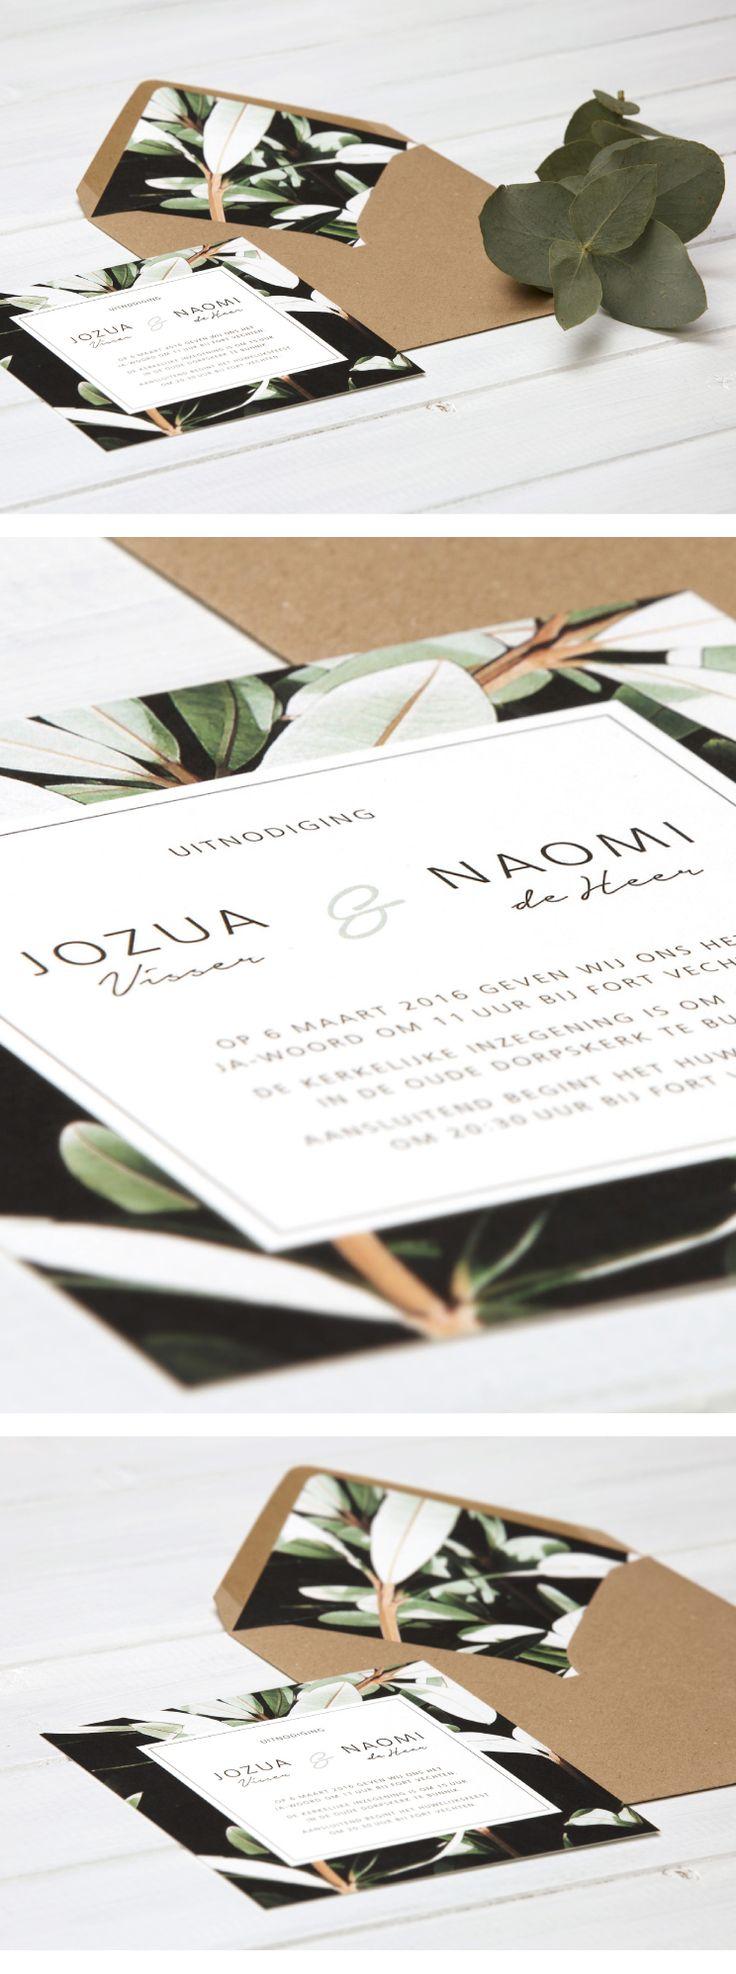 Weddinginvite, Weddinginvitation, Envelope Liners, Green, Kraft, Trouwkaart